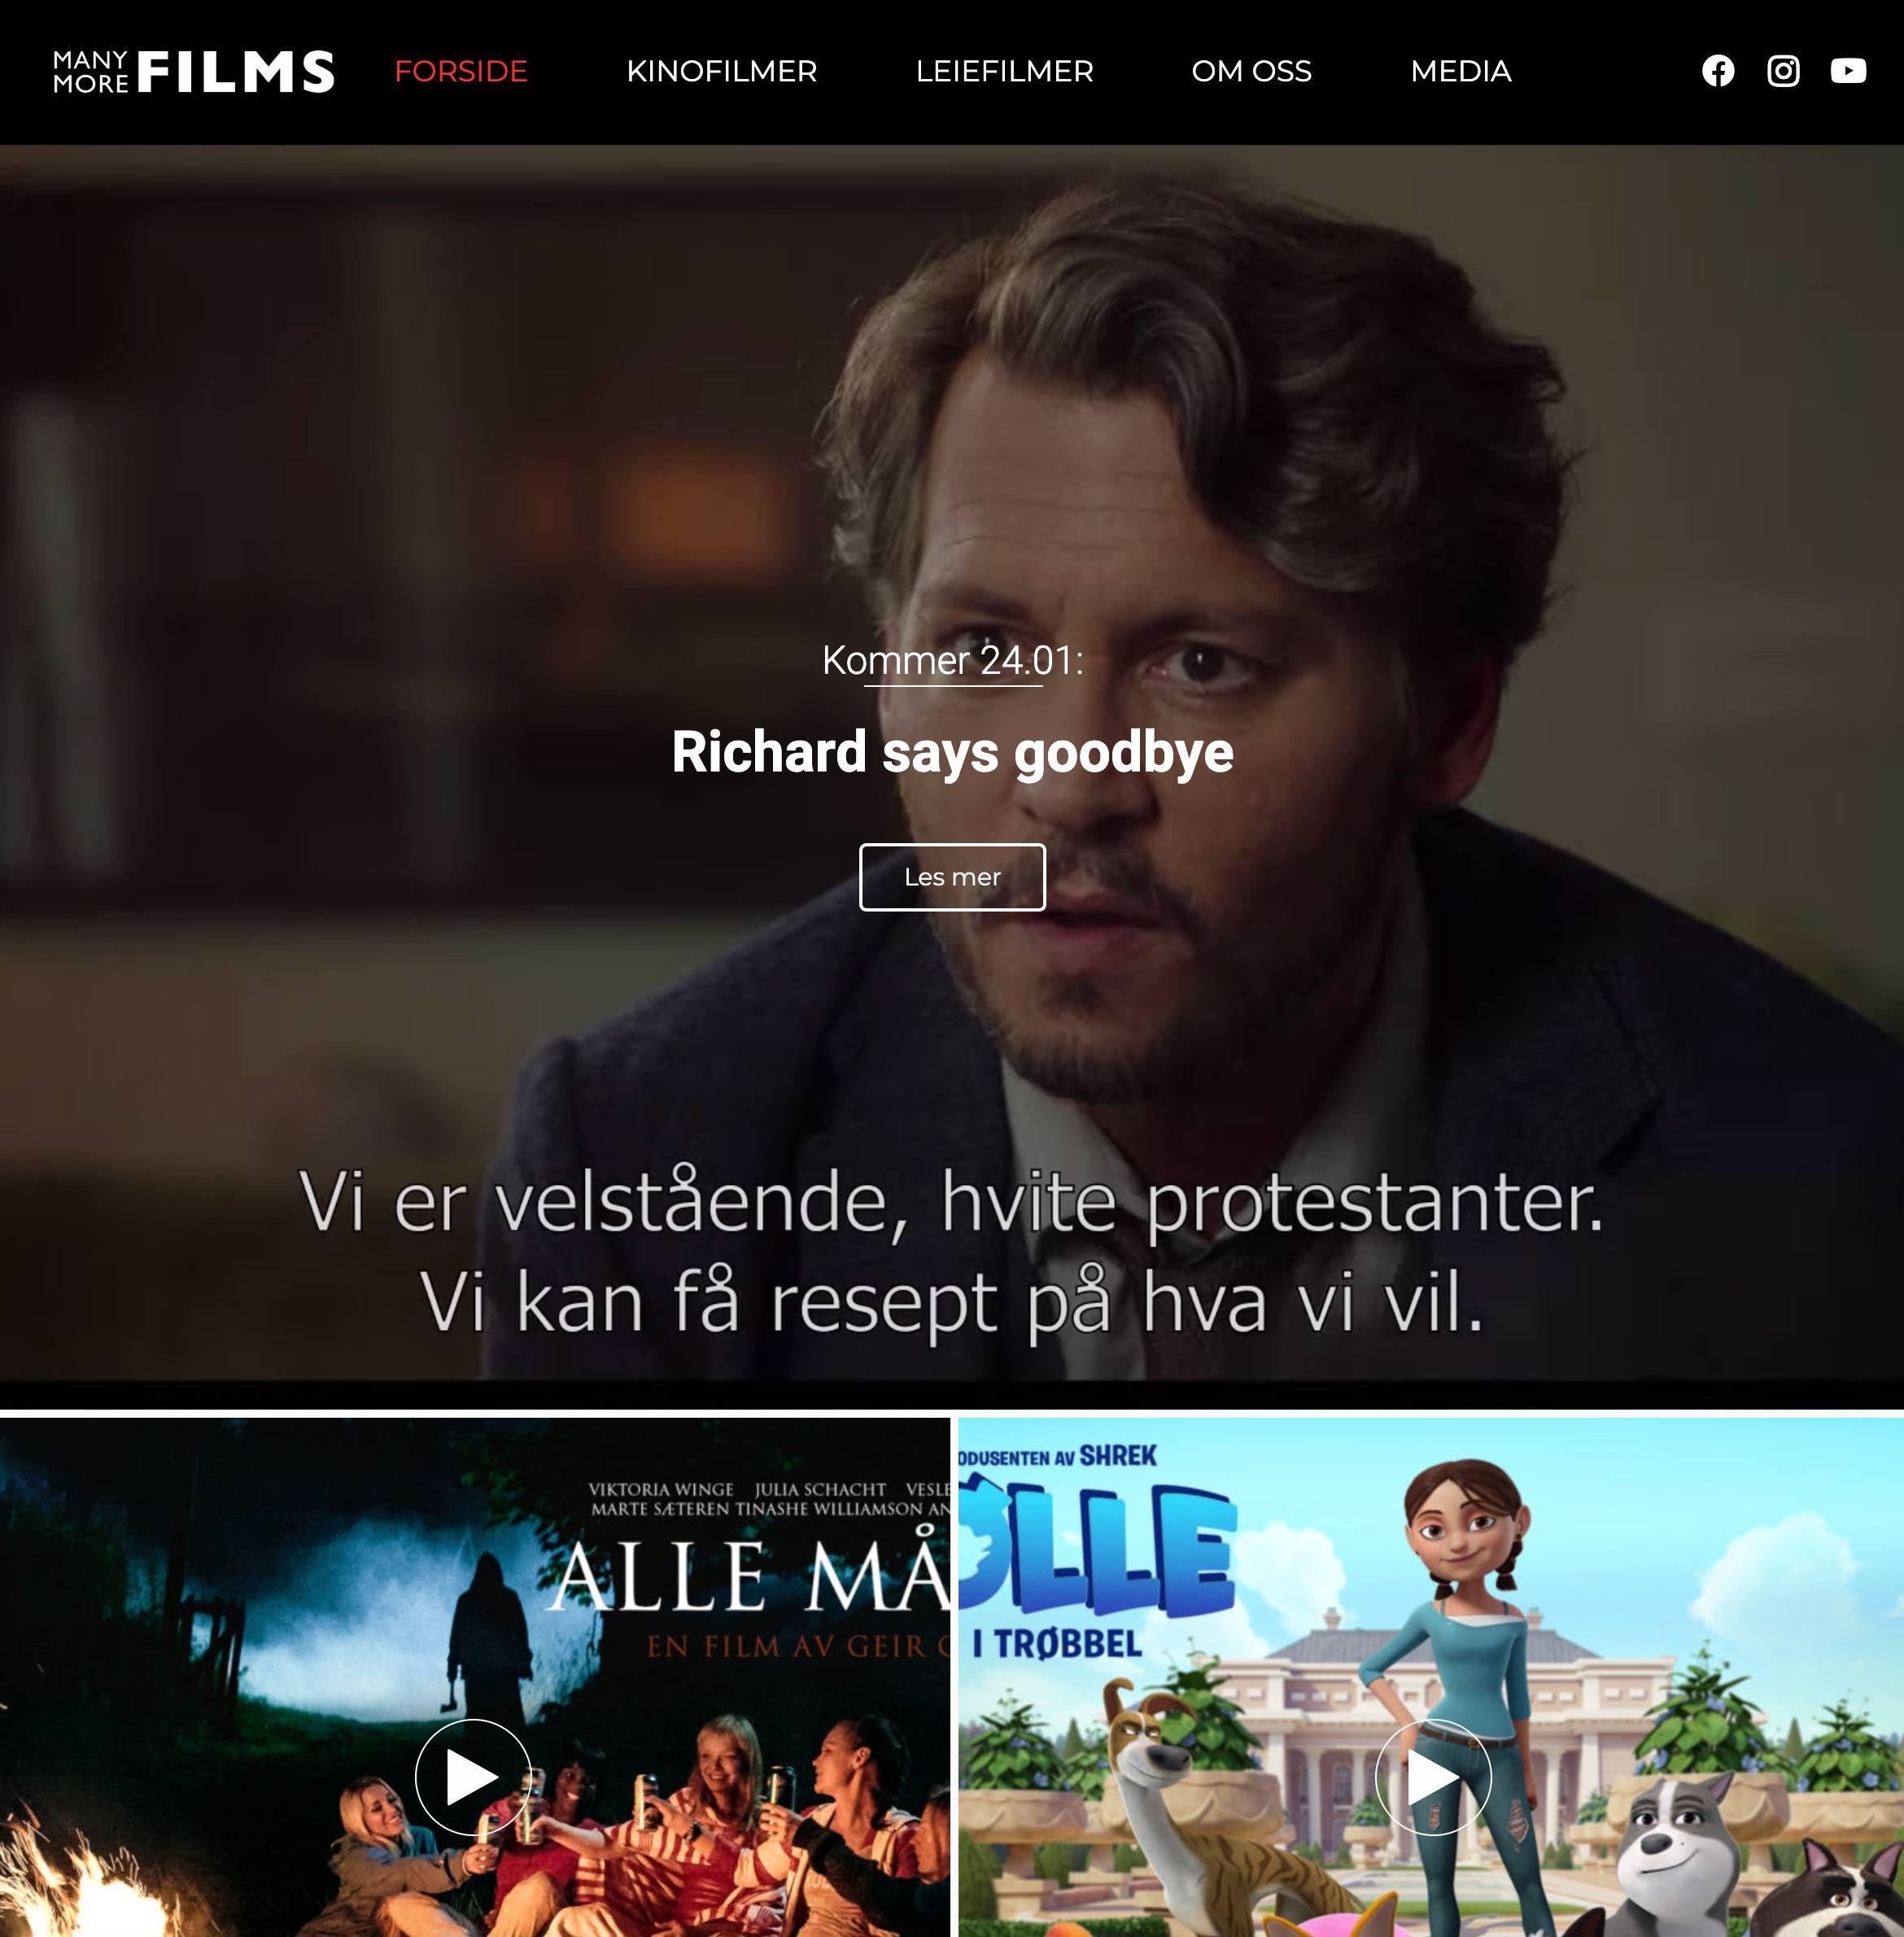 Manymore Films nettside